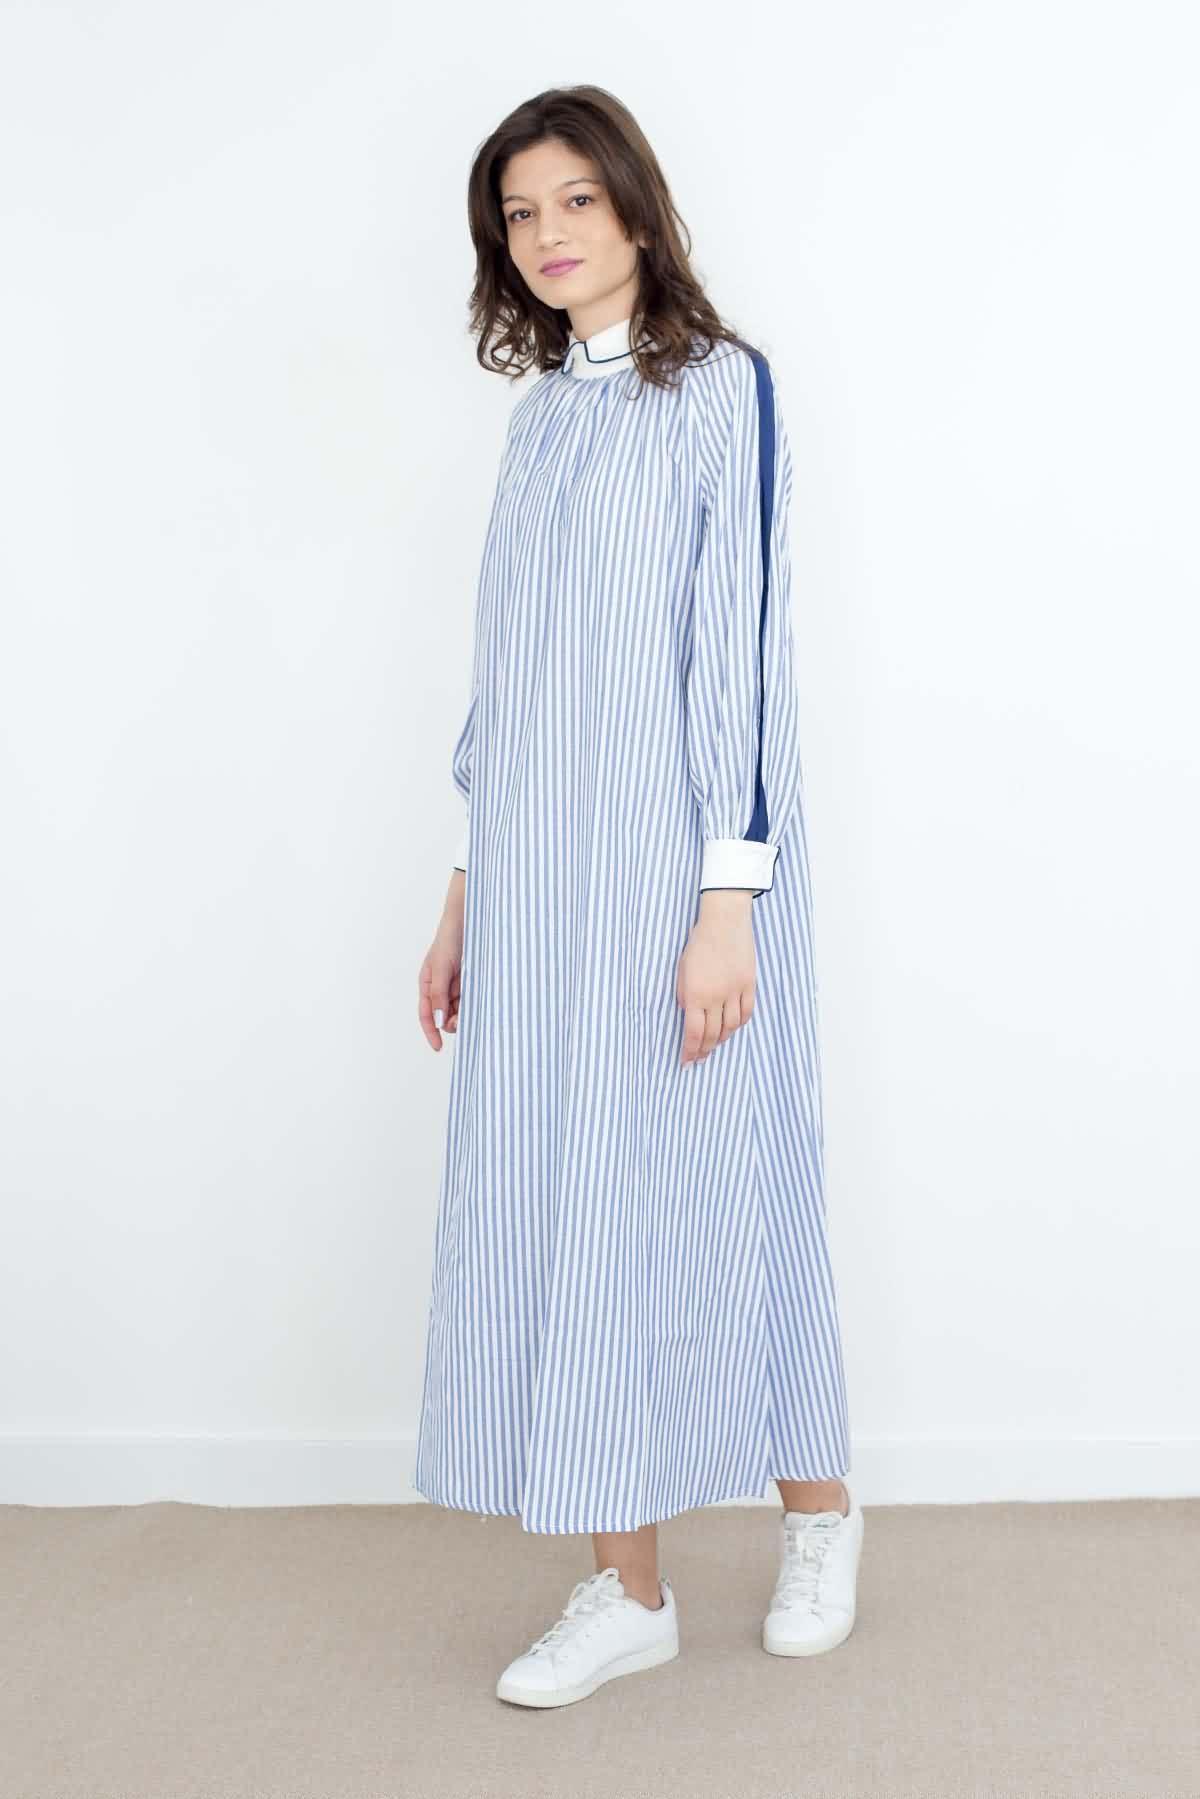 Mevra - Biyeli Poplin Çizgili Elbise Koyu Lacivert